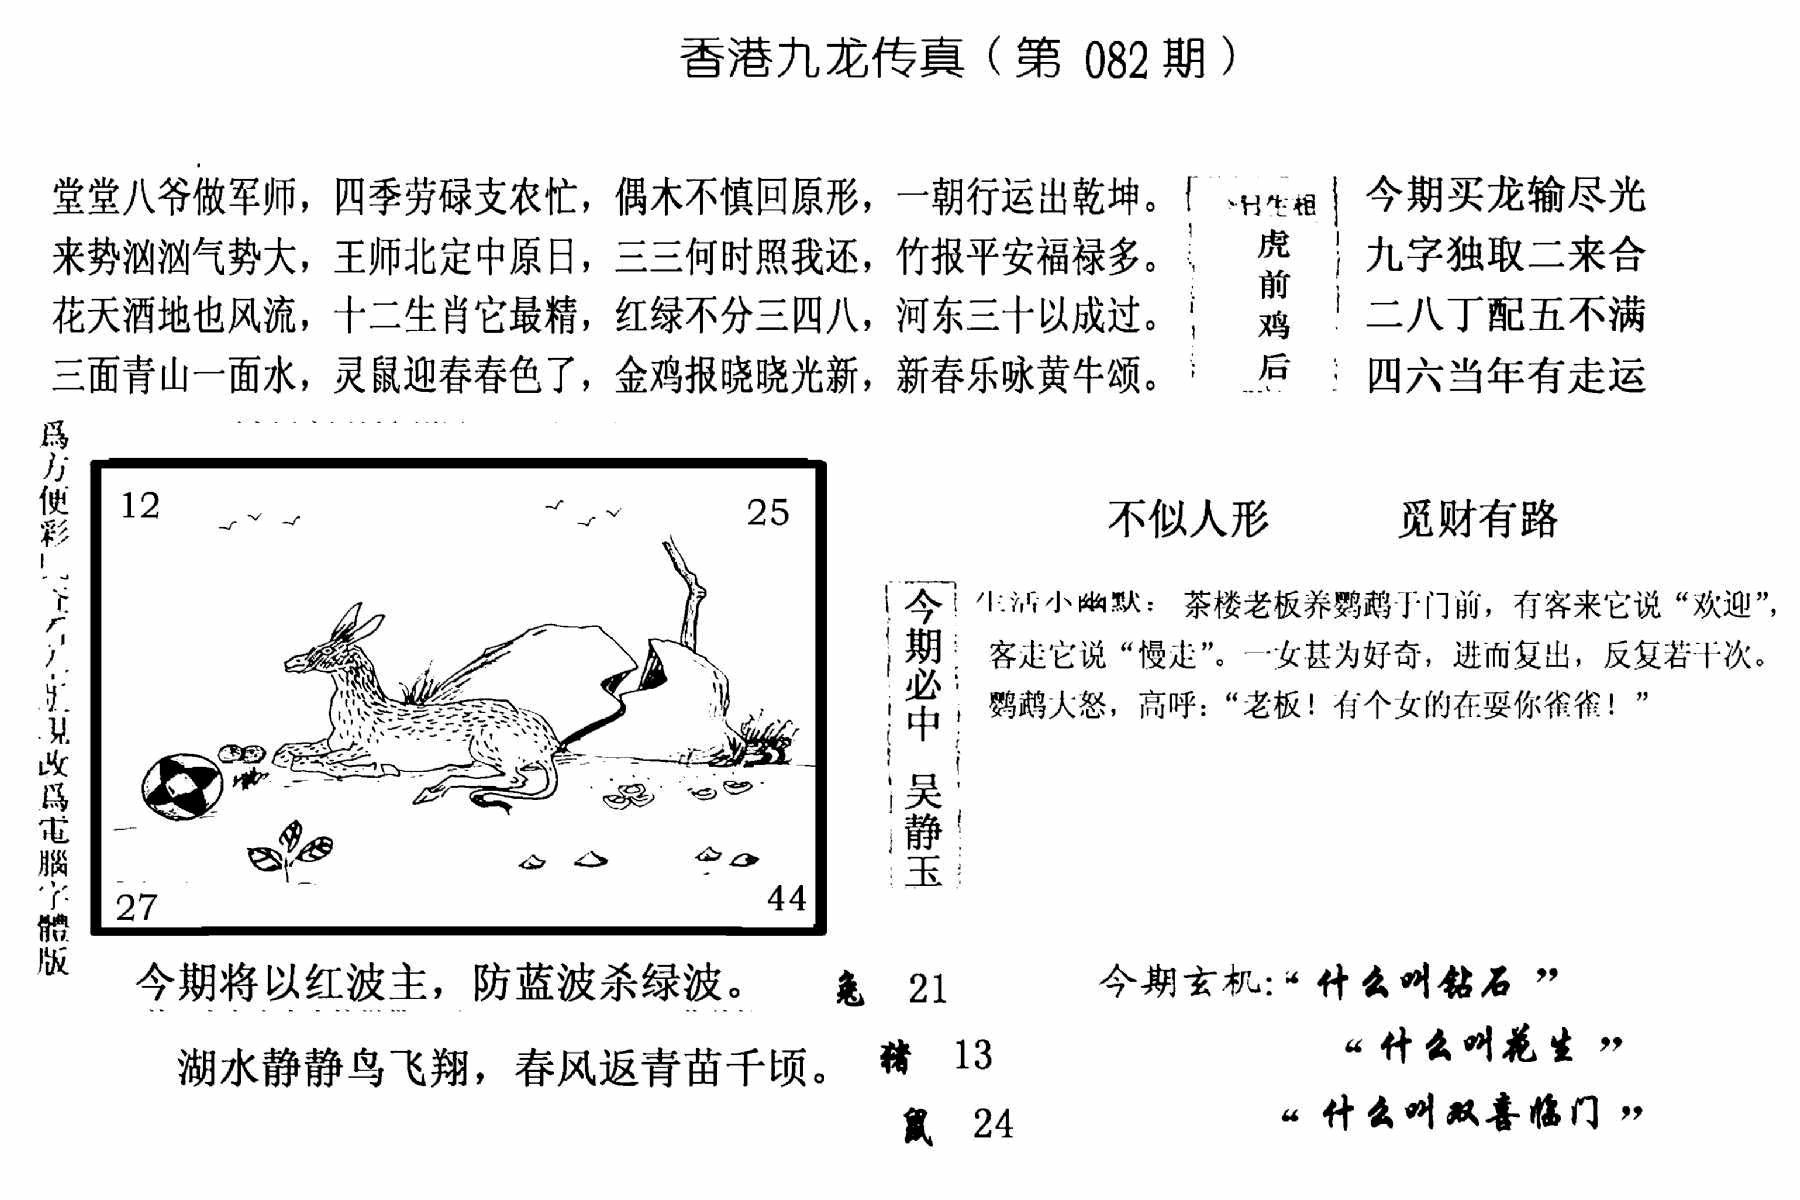 082期手写九龙内幕(电脑版)(黑白)